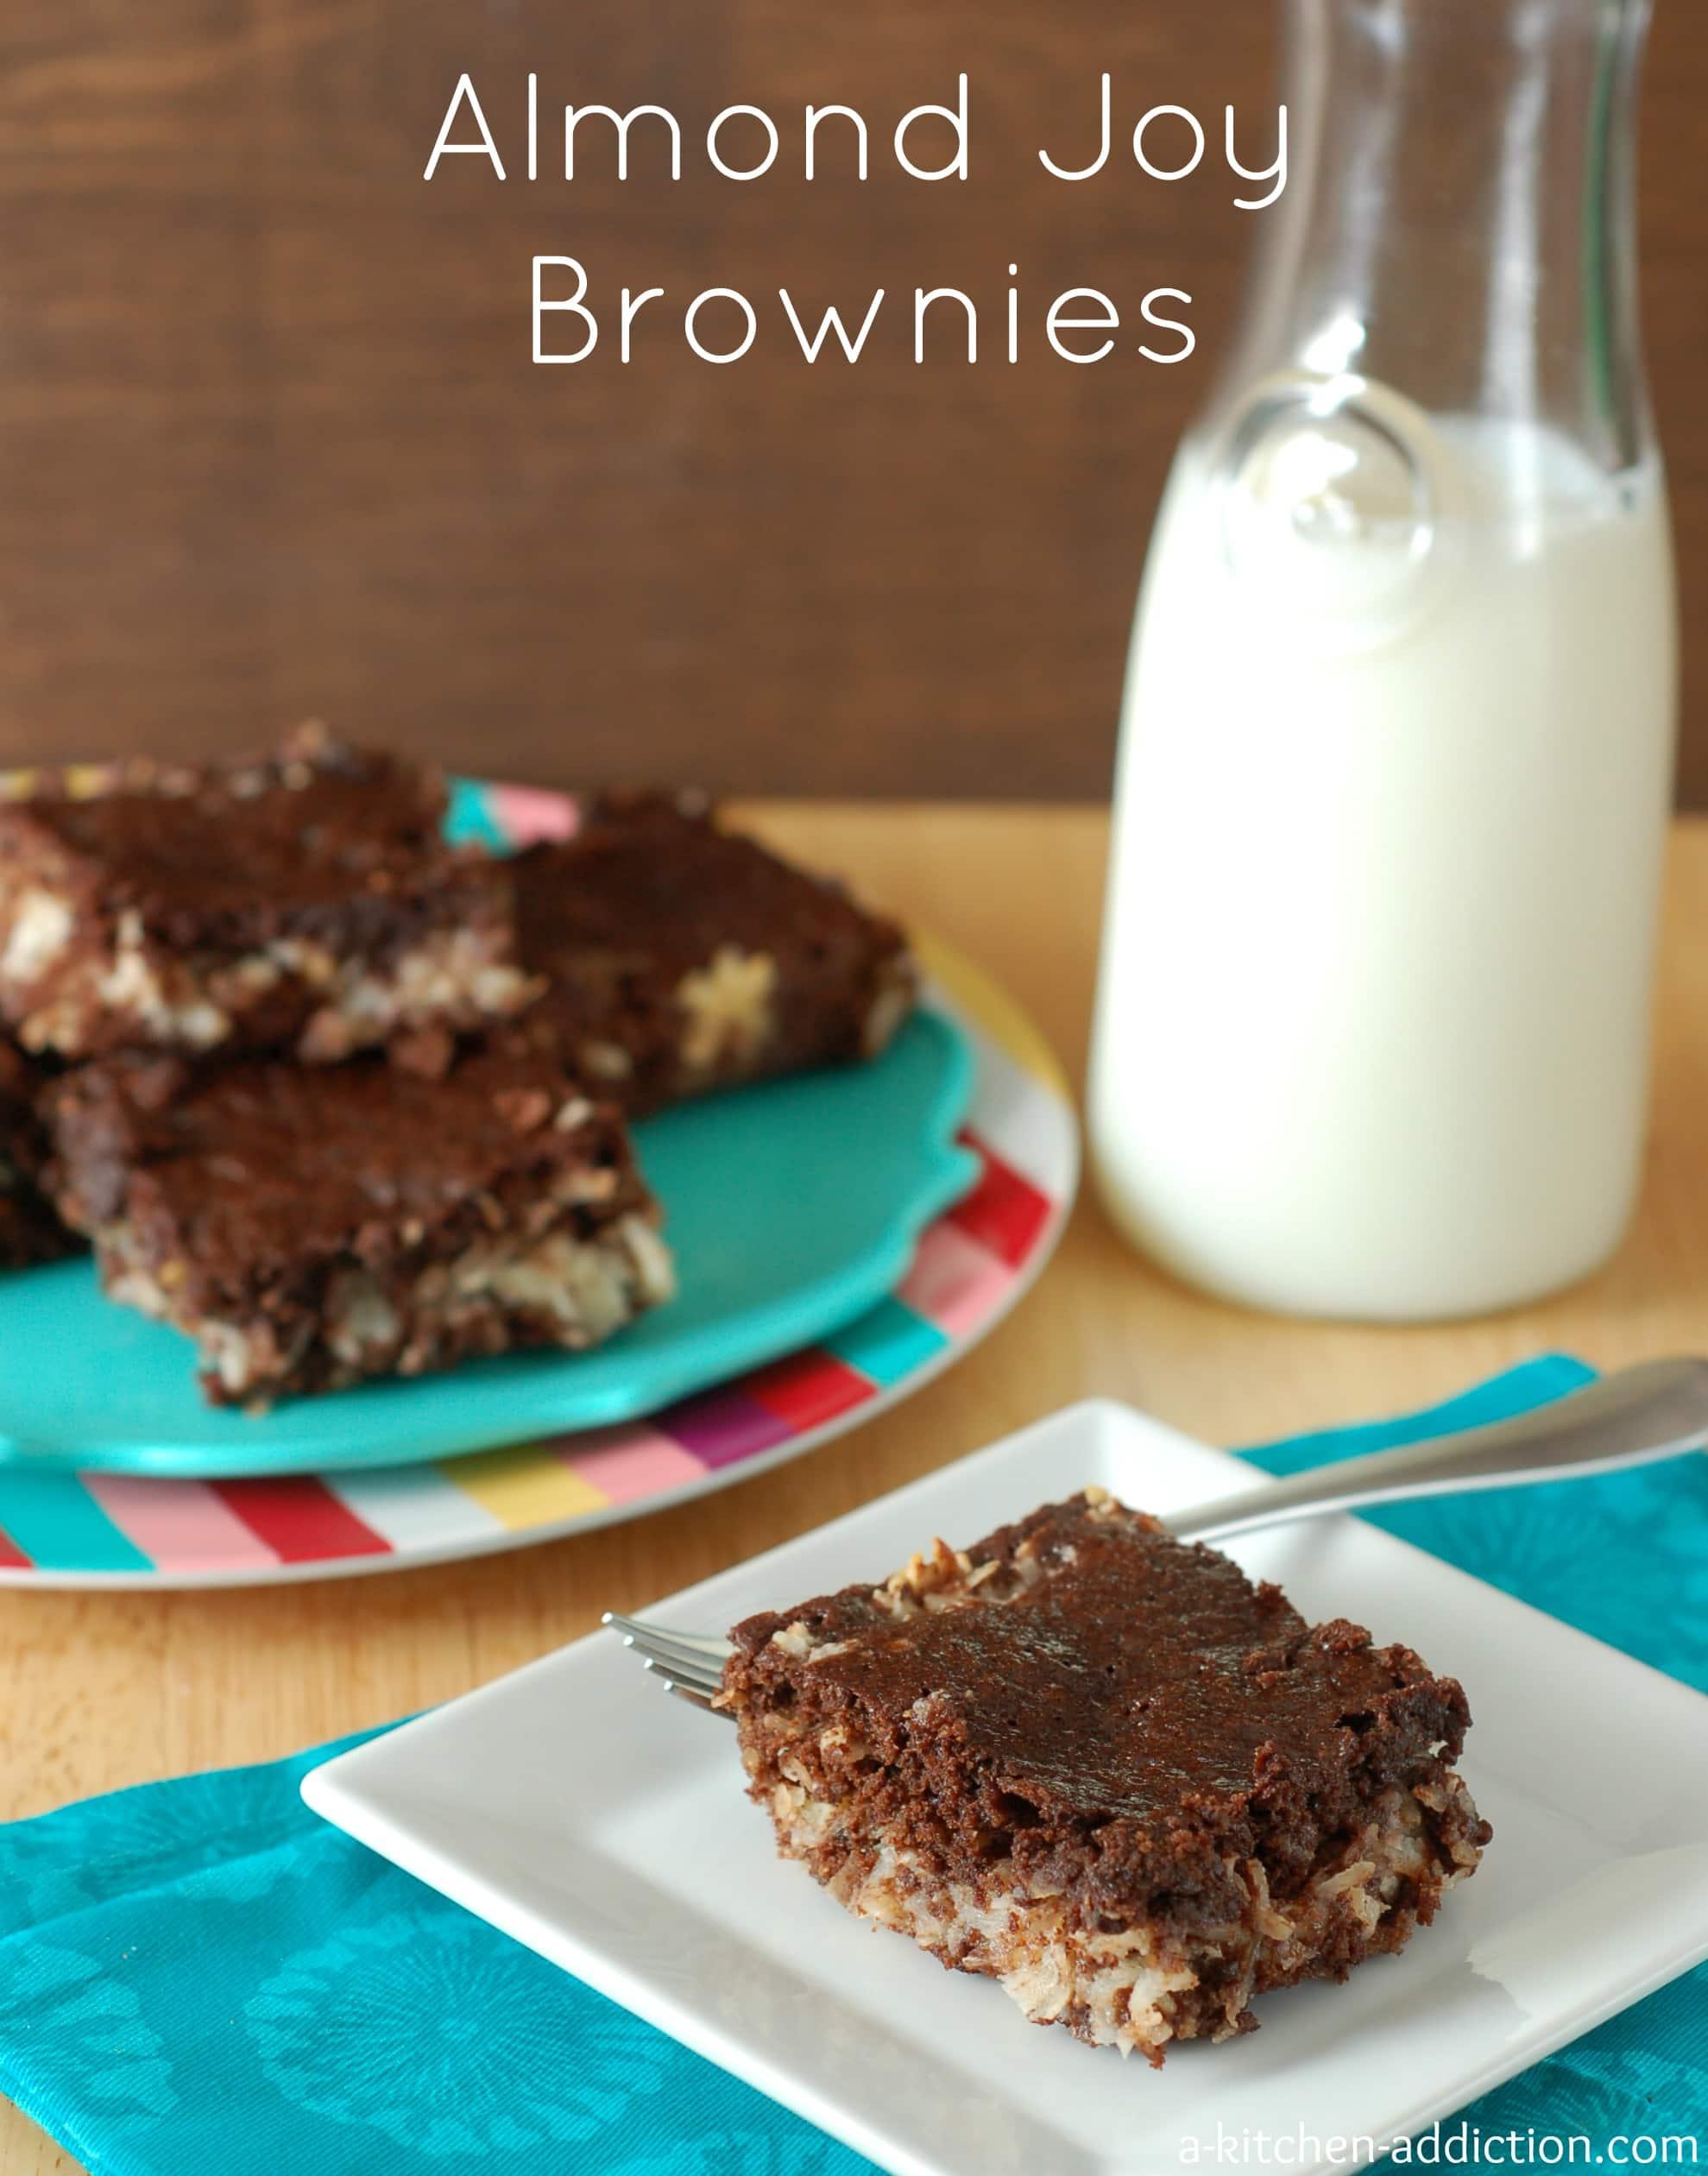 Almond Joy Brownies Recipe l www.a-kitchen-addiction.com